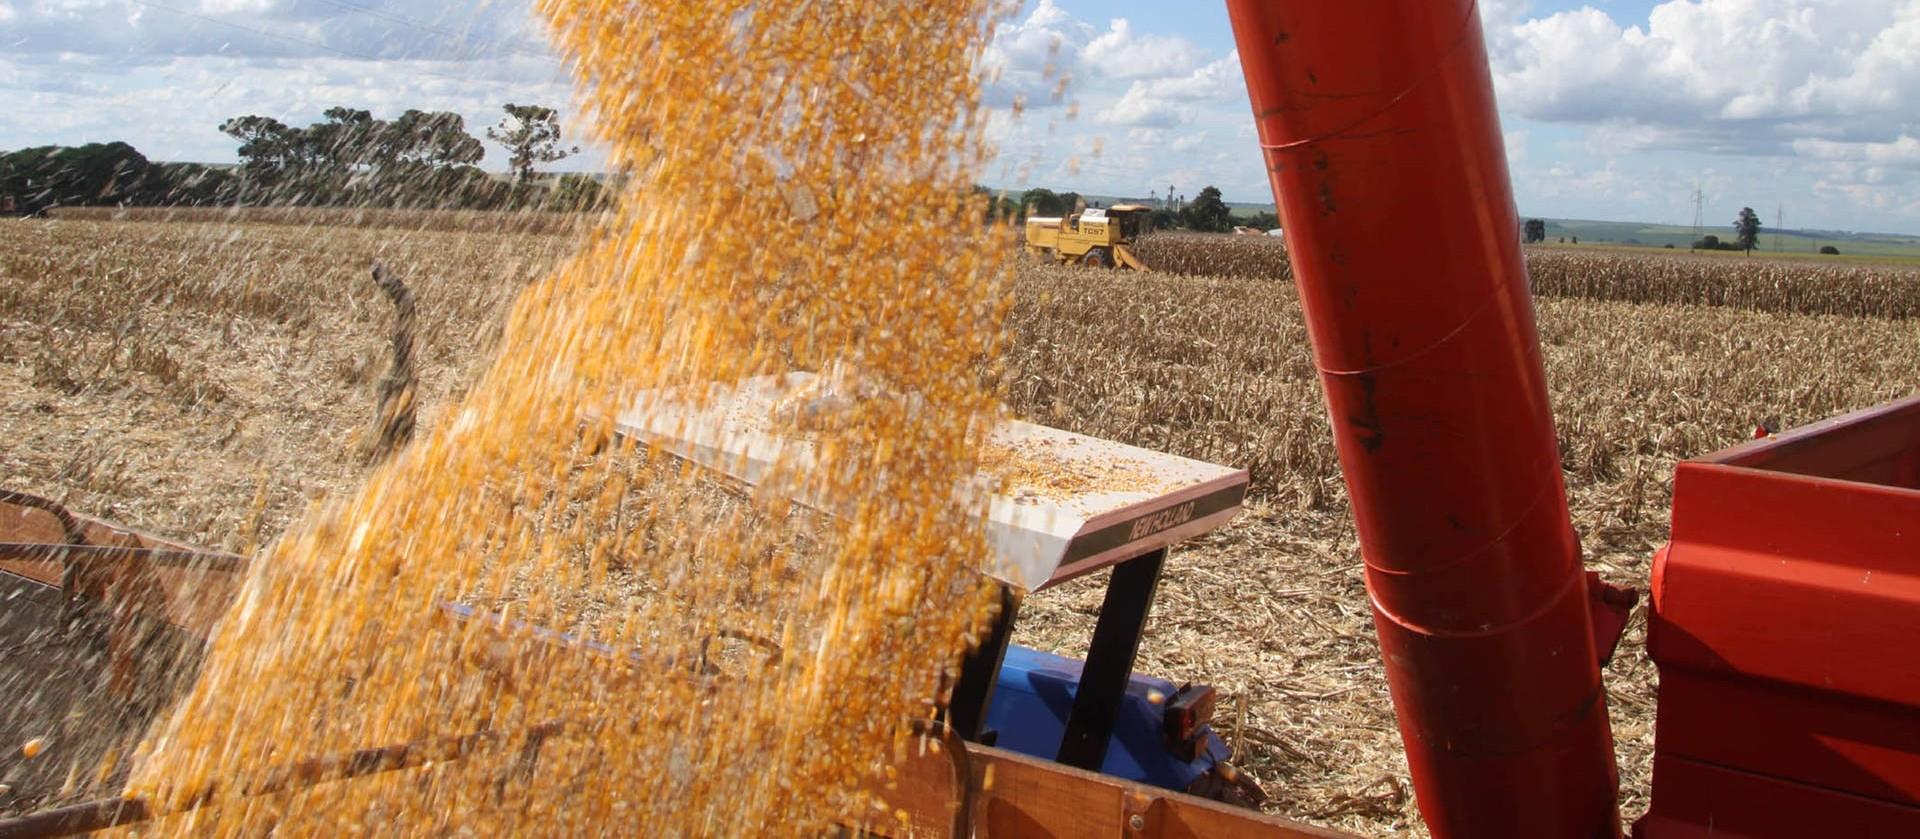 Safra de soja 2019/20 do Brasil é estimada em 122,6 milhões de toneladas